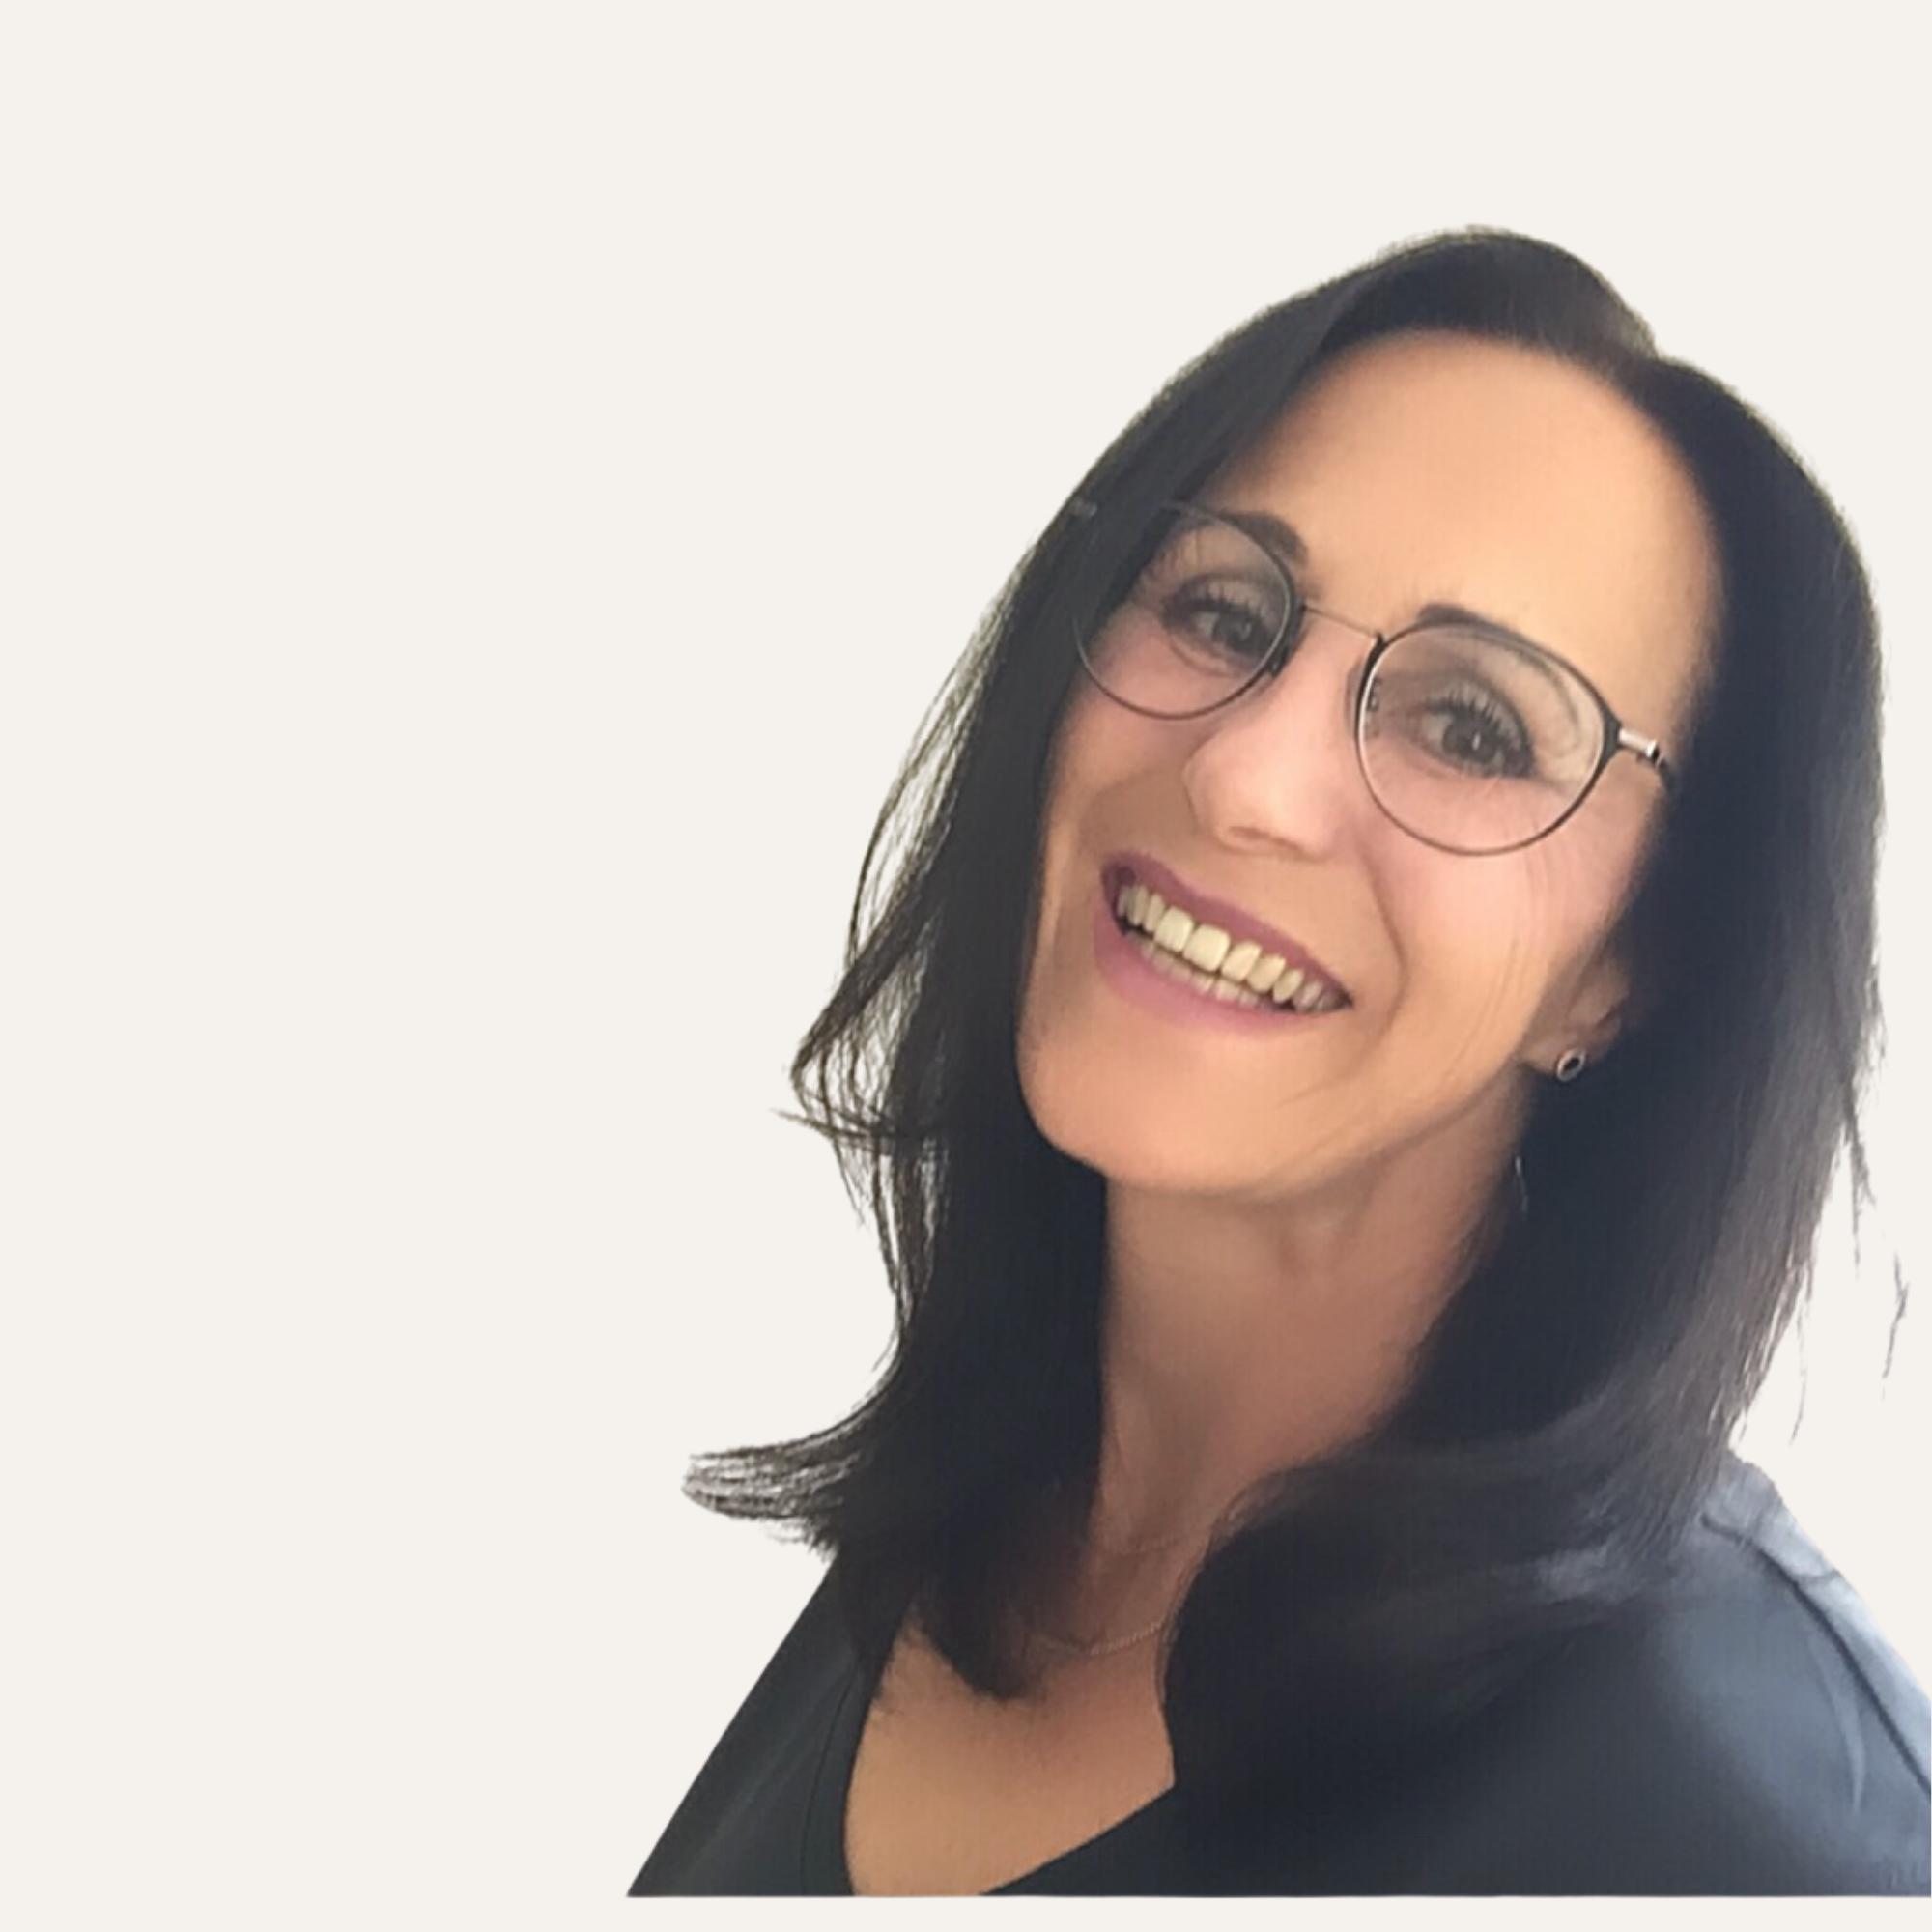 Matina Haacks, Gründerin von imFLUSSsein, Entpannungspädagogin und Lerntherapeutin. Mehr Leichtigkeit, weniger Stress!